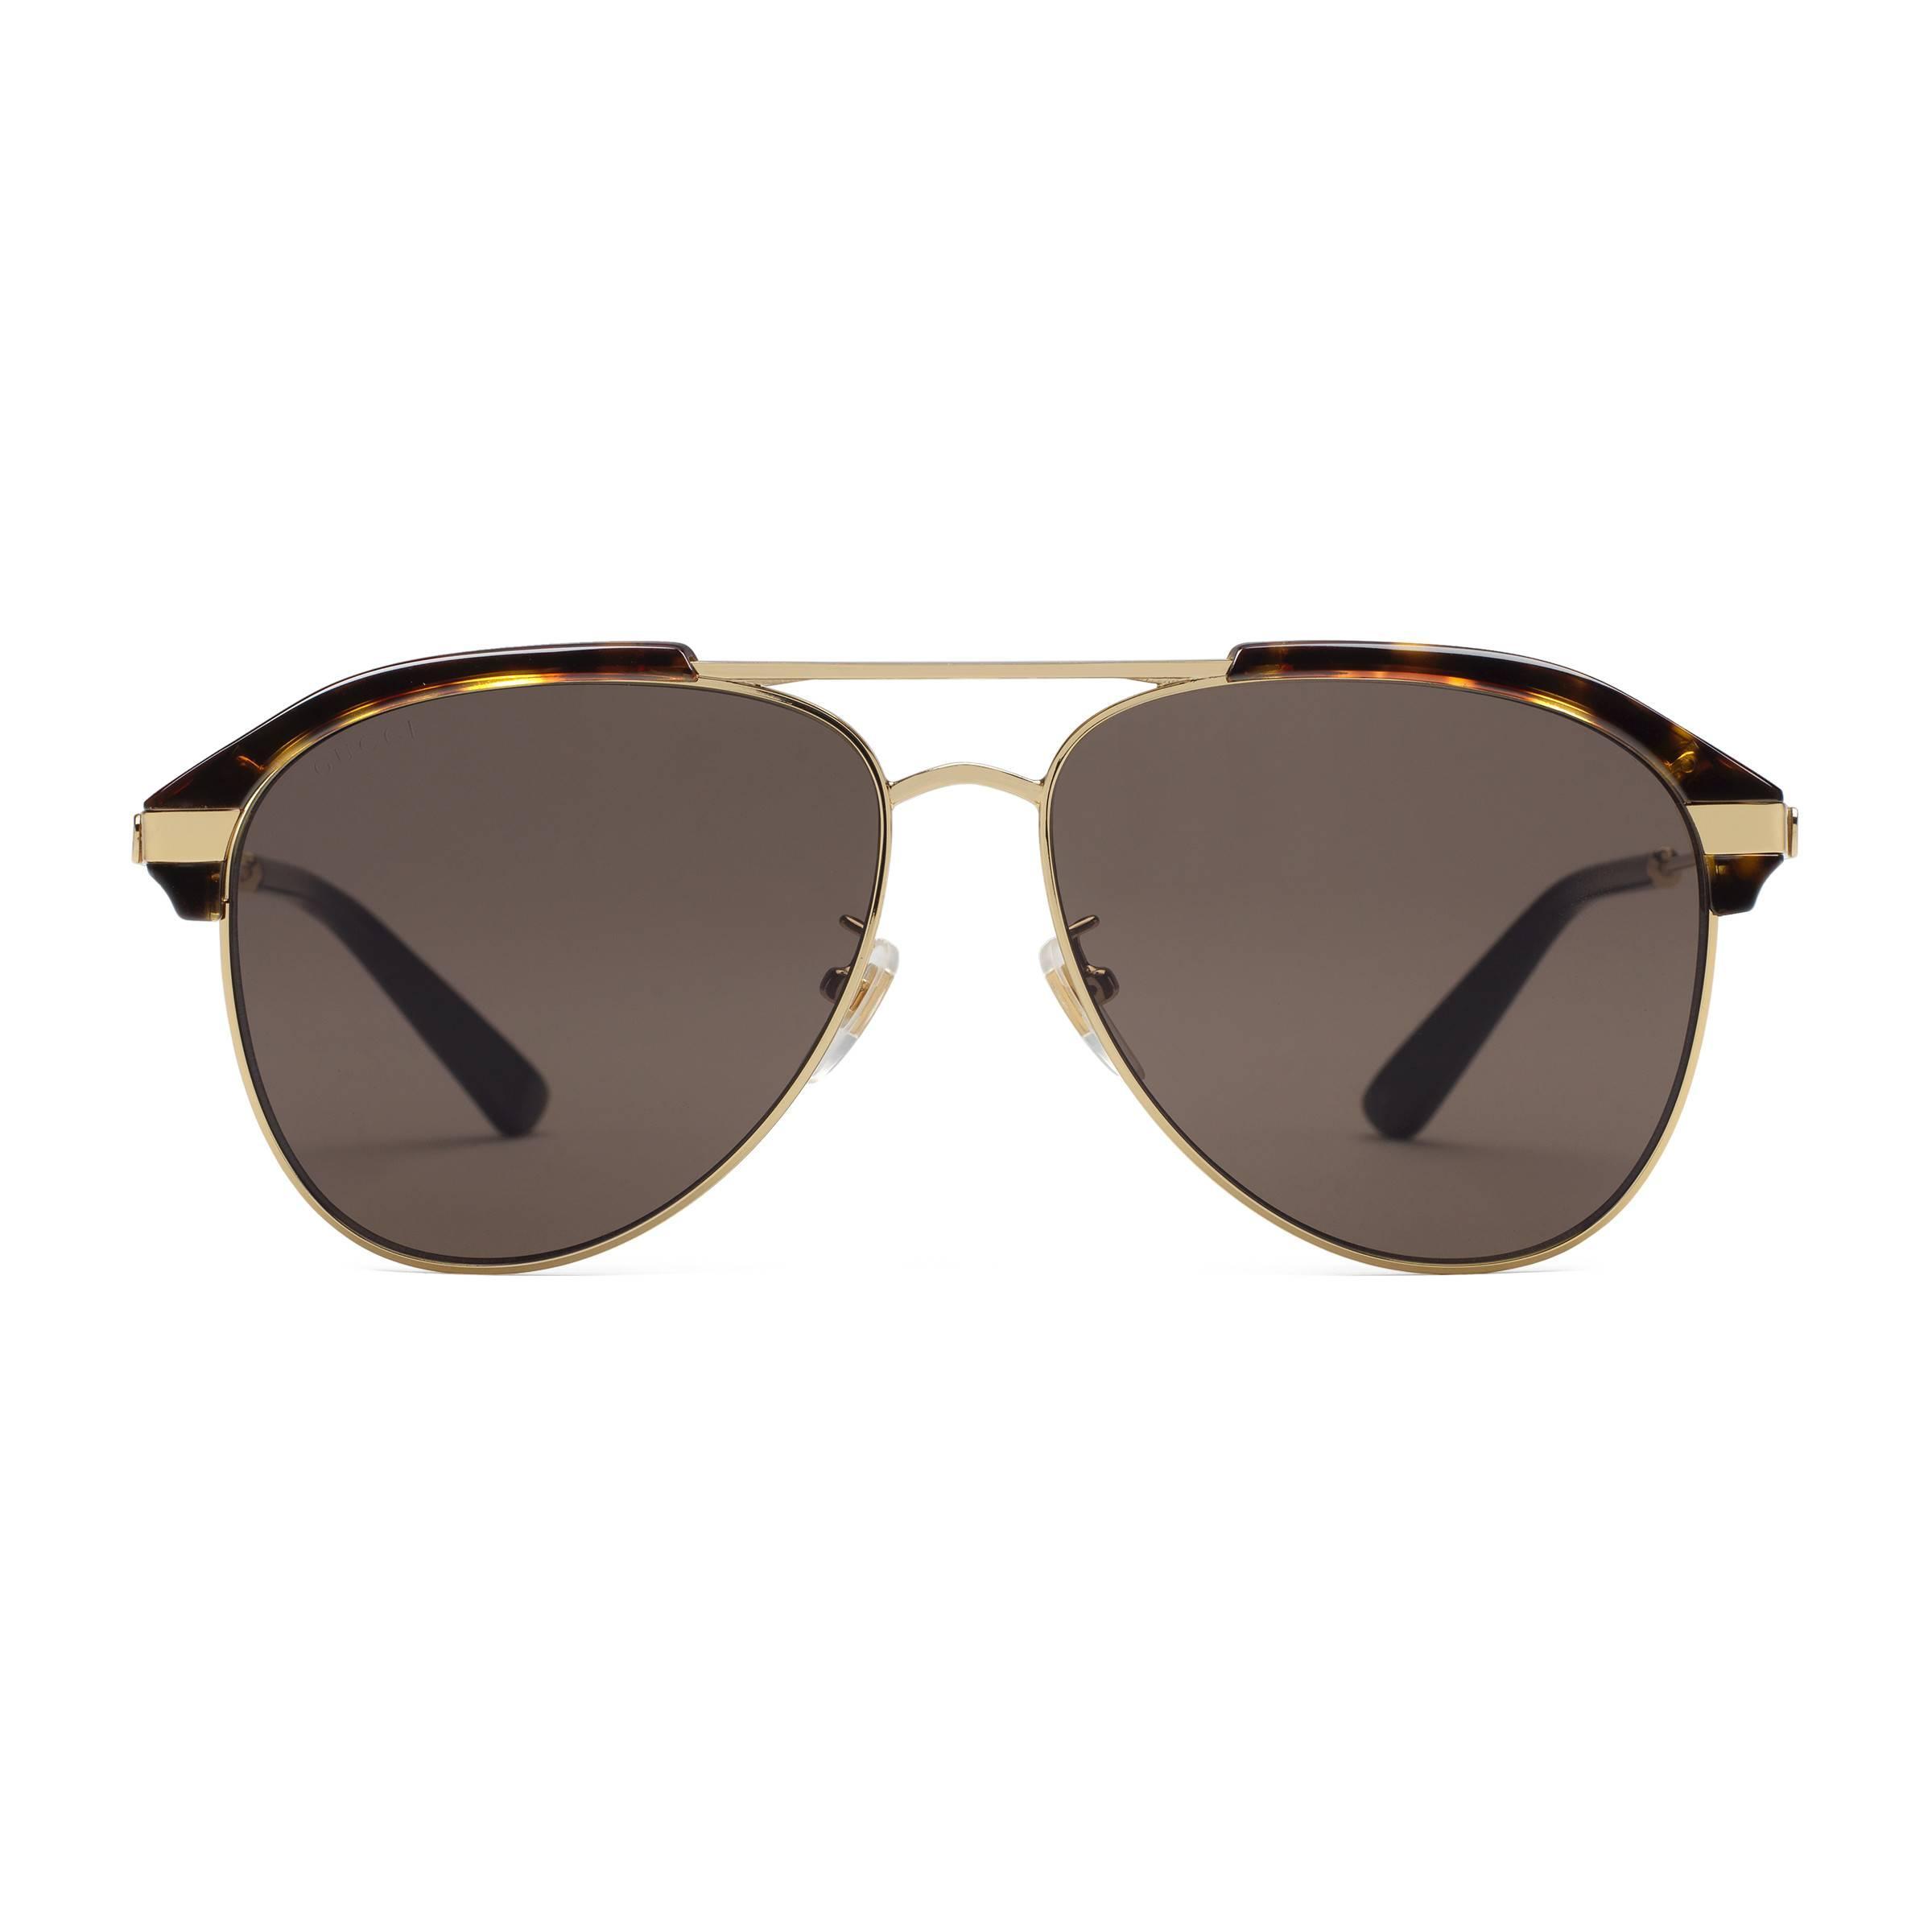 9a26a03dfa Gucci. Gafas de sol de aviador metálicas con ajuste especial de hombre de  color marrón